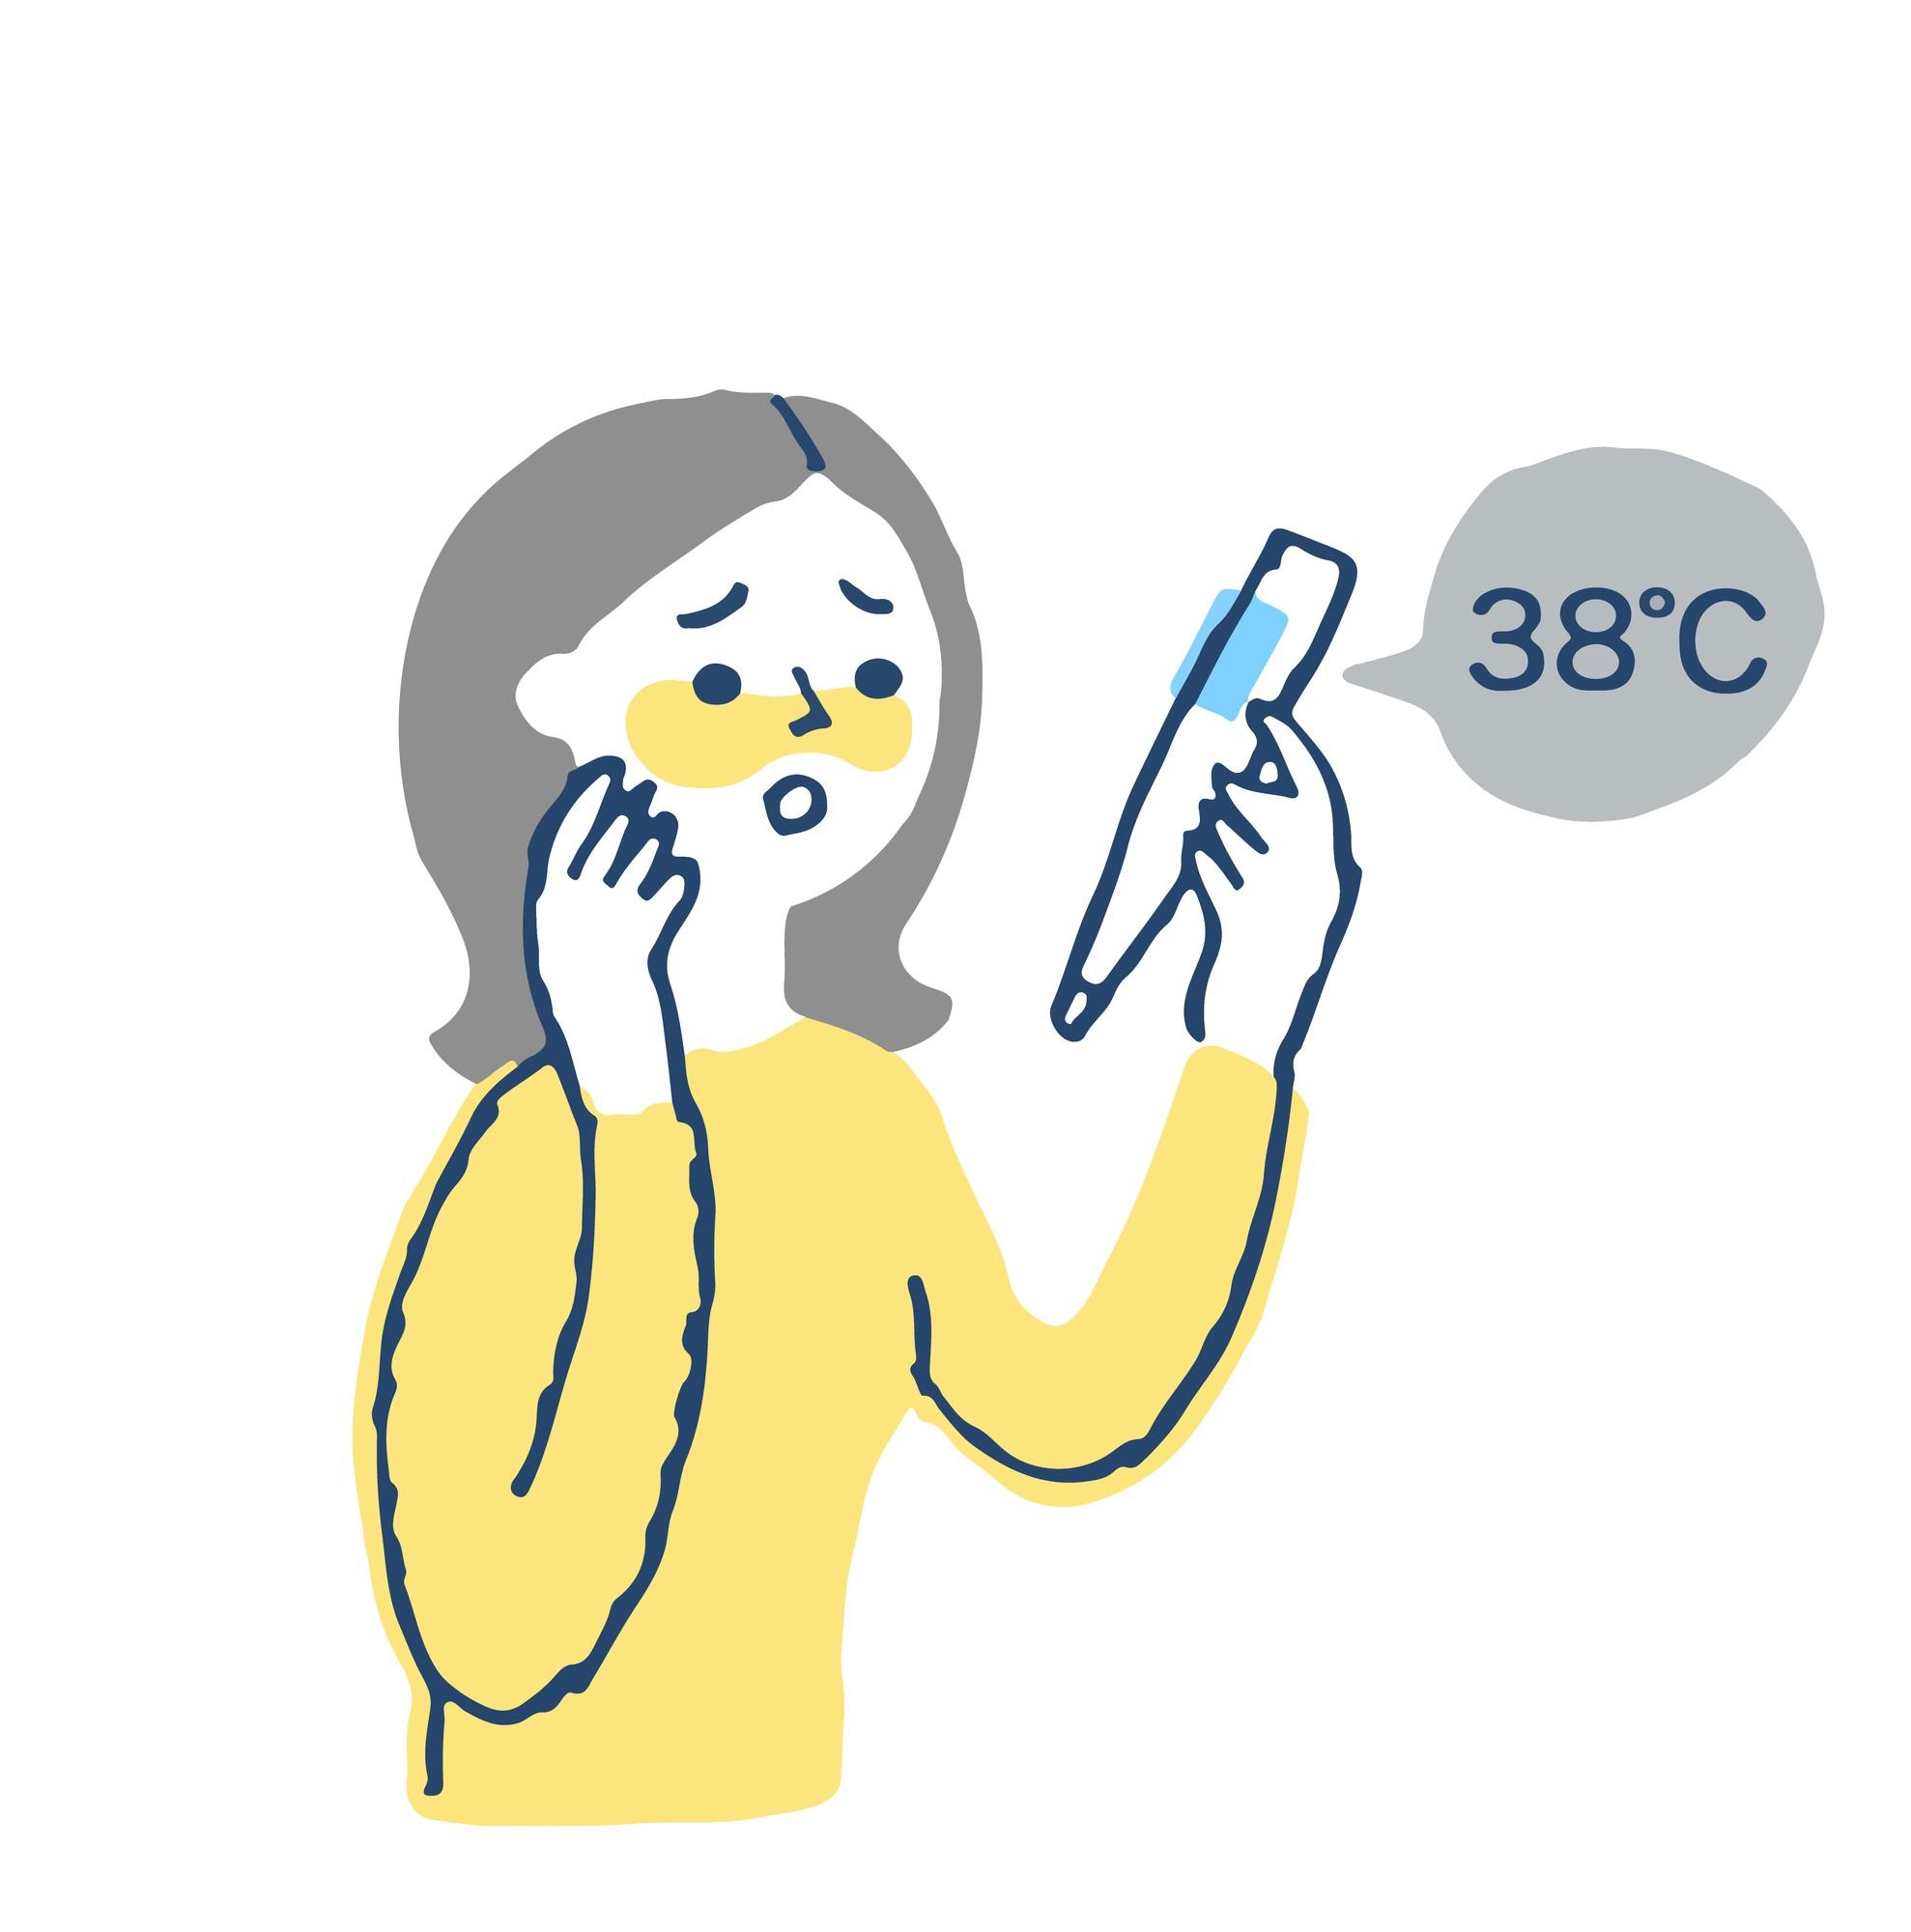 体温計 測り 方 脇